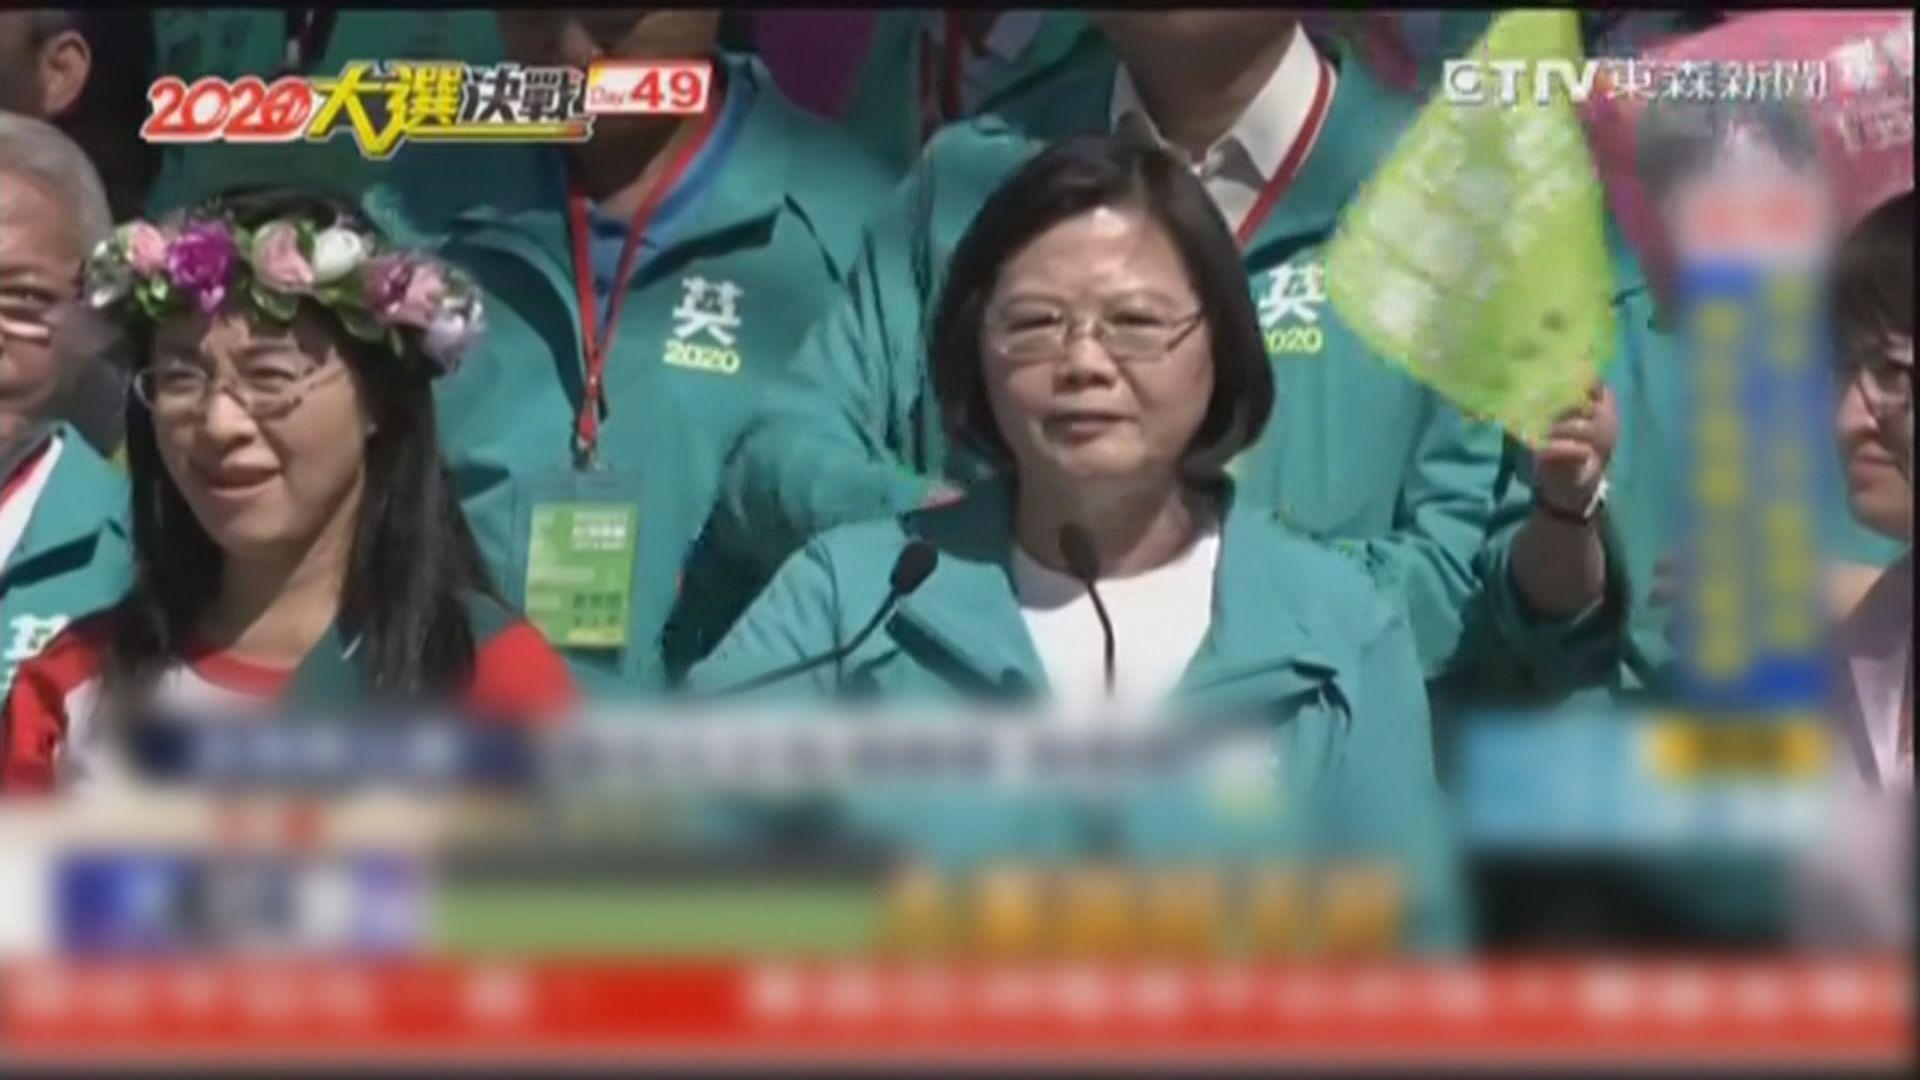 蔡英文總統認為大陸明顯介入台灣選舉